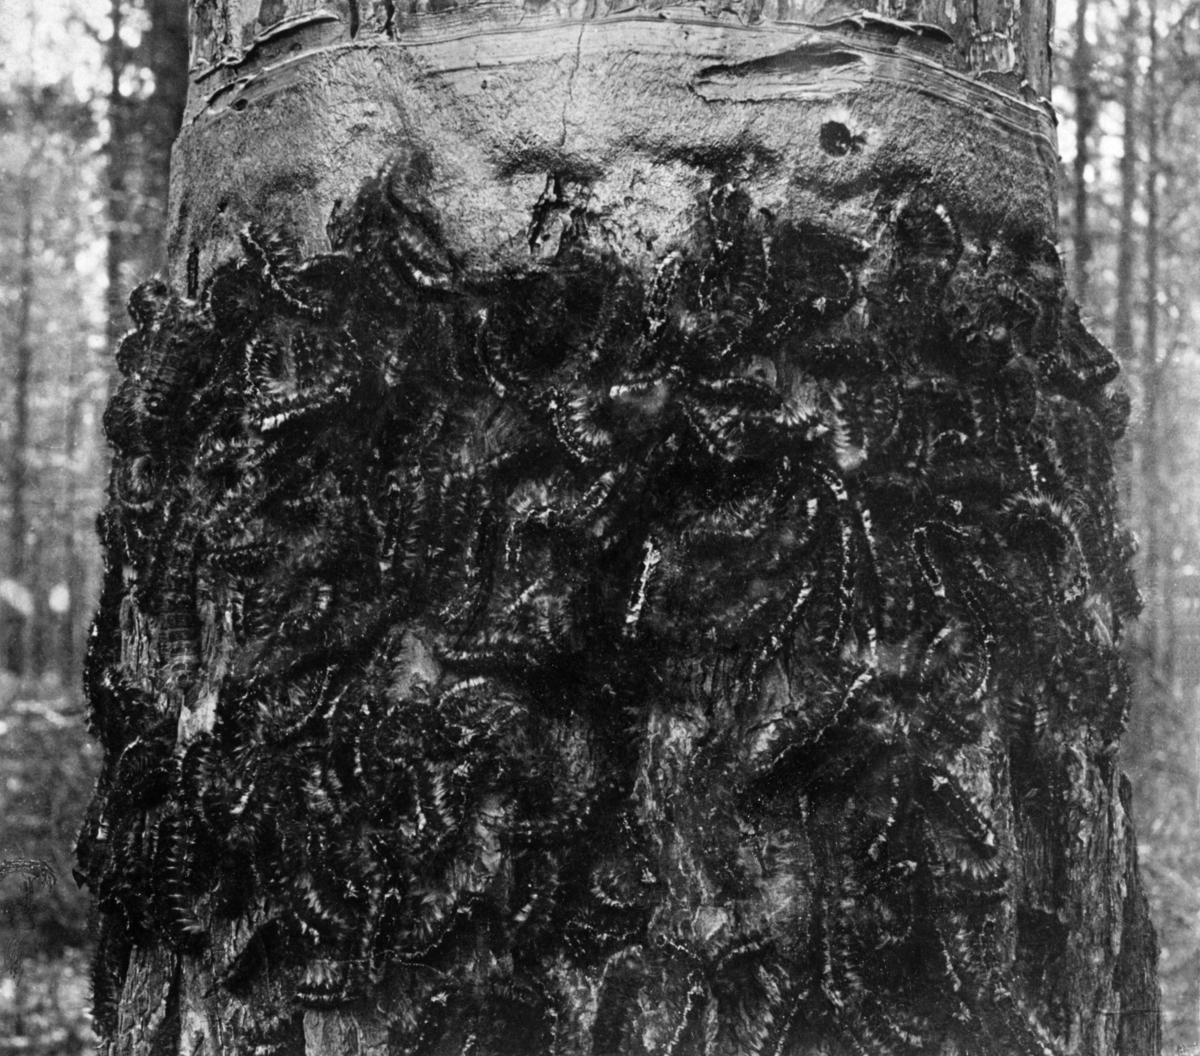 Furustamme som er angrepet av furuspinner (Dendrolimus pini). Fotografiet er tatt i Elverum i 1902-03, i forbindelse med furuspinnerangrepet disse åra.  Furuspinneren er ei nattsommerfugllarve, som har sitt tilhold på tørre sand- og grusmoer.  Sommerfuglen legger egg i barken på trærne. Om høsten, når kulda kommer, kryper larvene nedover stammen og overvintrer i mosedekket.  Om våren kryper de igjen oppover stammene og angriper nålene på trærne, og ved store oppblomstinger i bestandet kan de bli ribbet for bar.  For å forhindre slike skader ble det påstrøket klebrig lim i en ring rundt trestammene, der larvene ble stanset.  Fotografiet viser en delaj fra en furustamme der larvenes vandring er stanset under «limringen».